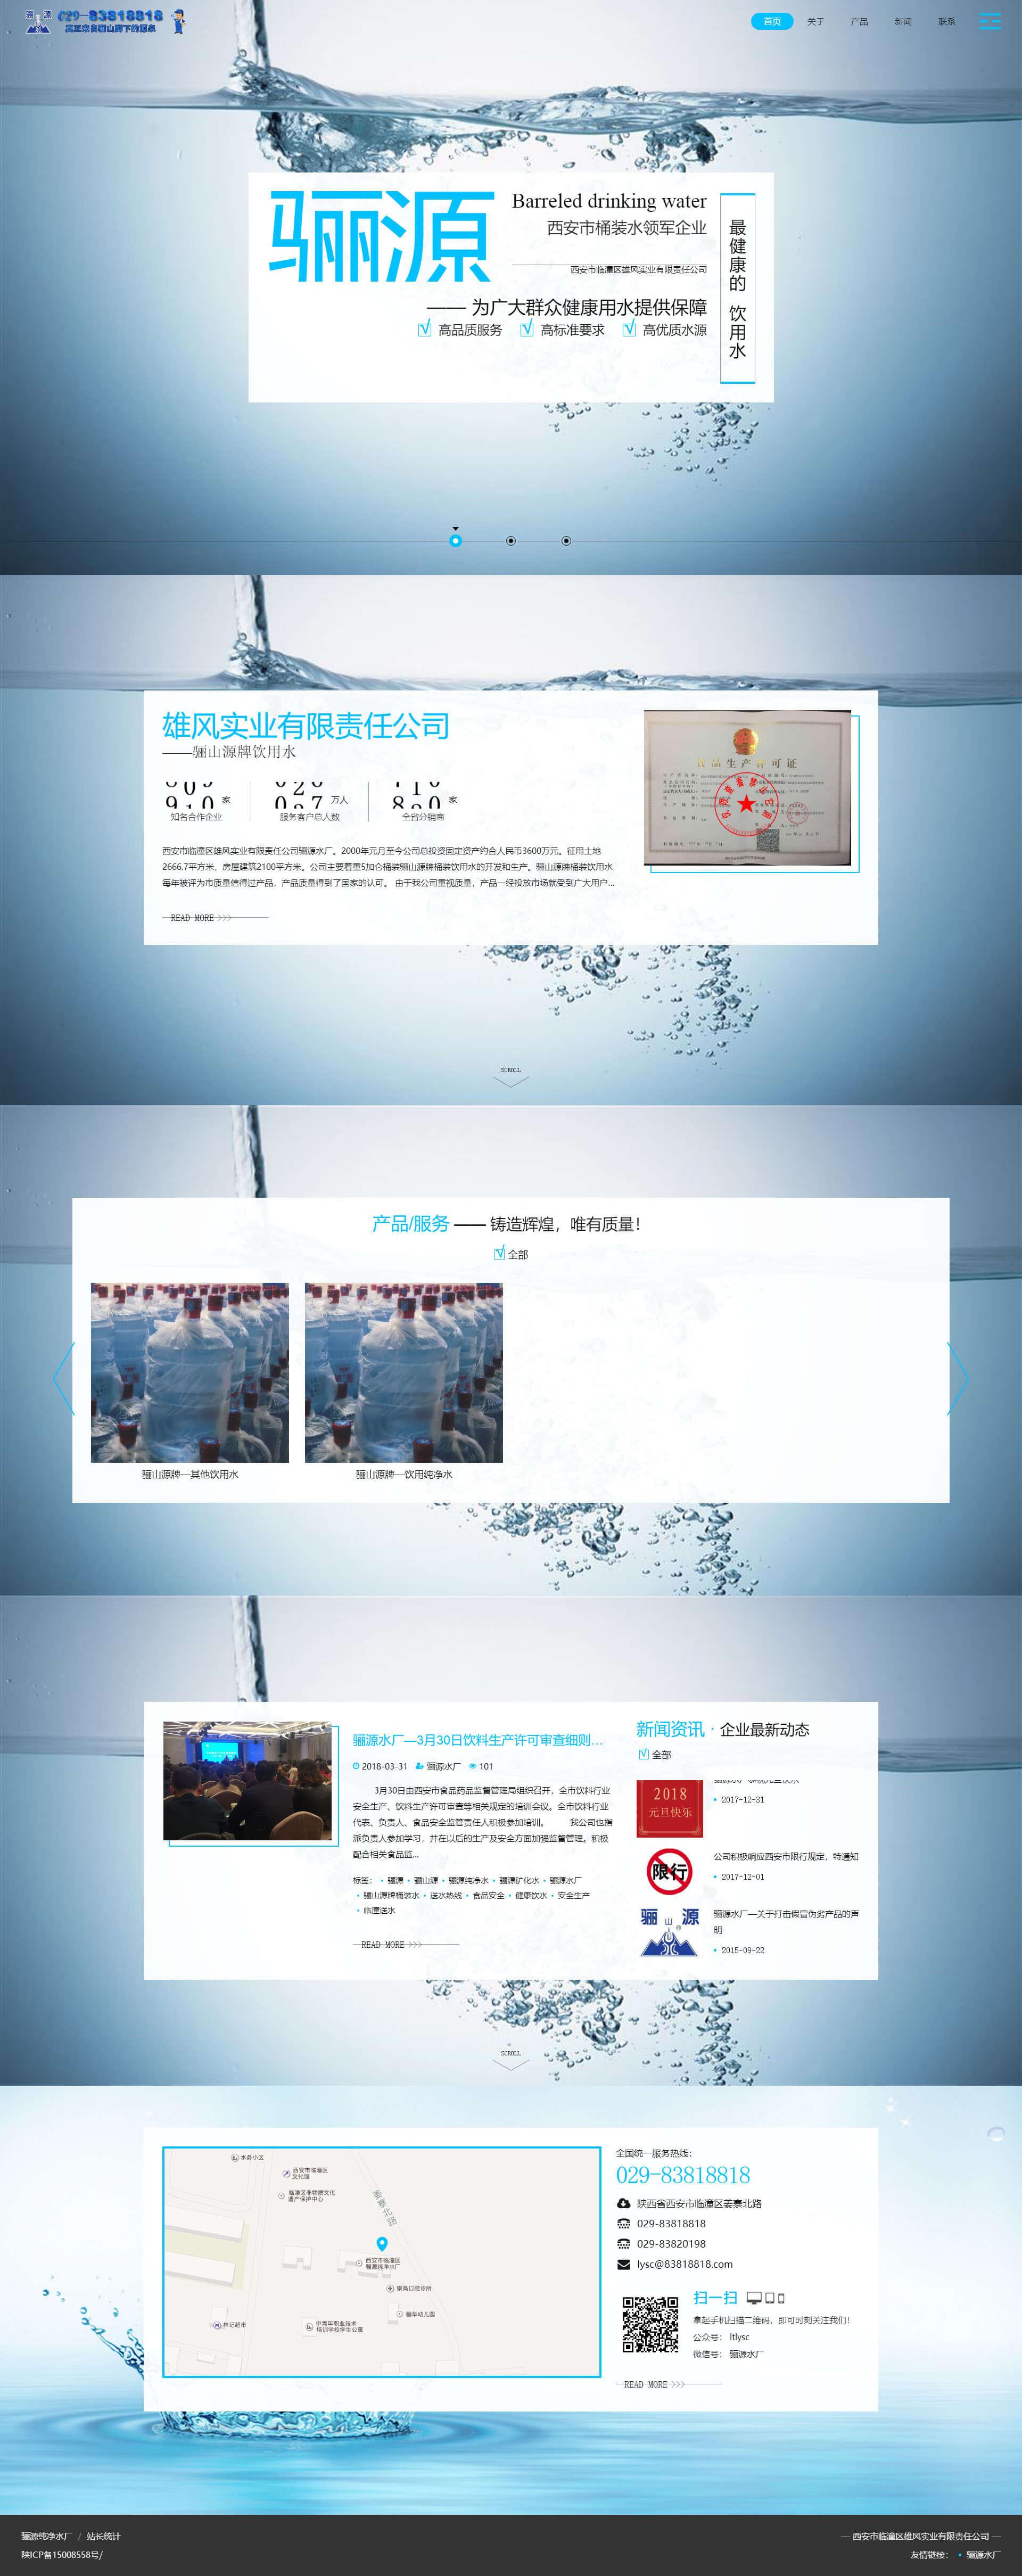 雄风实业高端网站建设案例截图